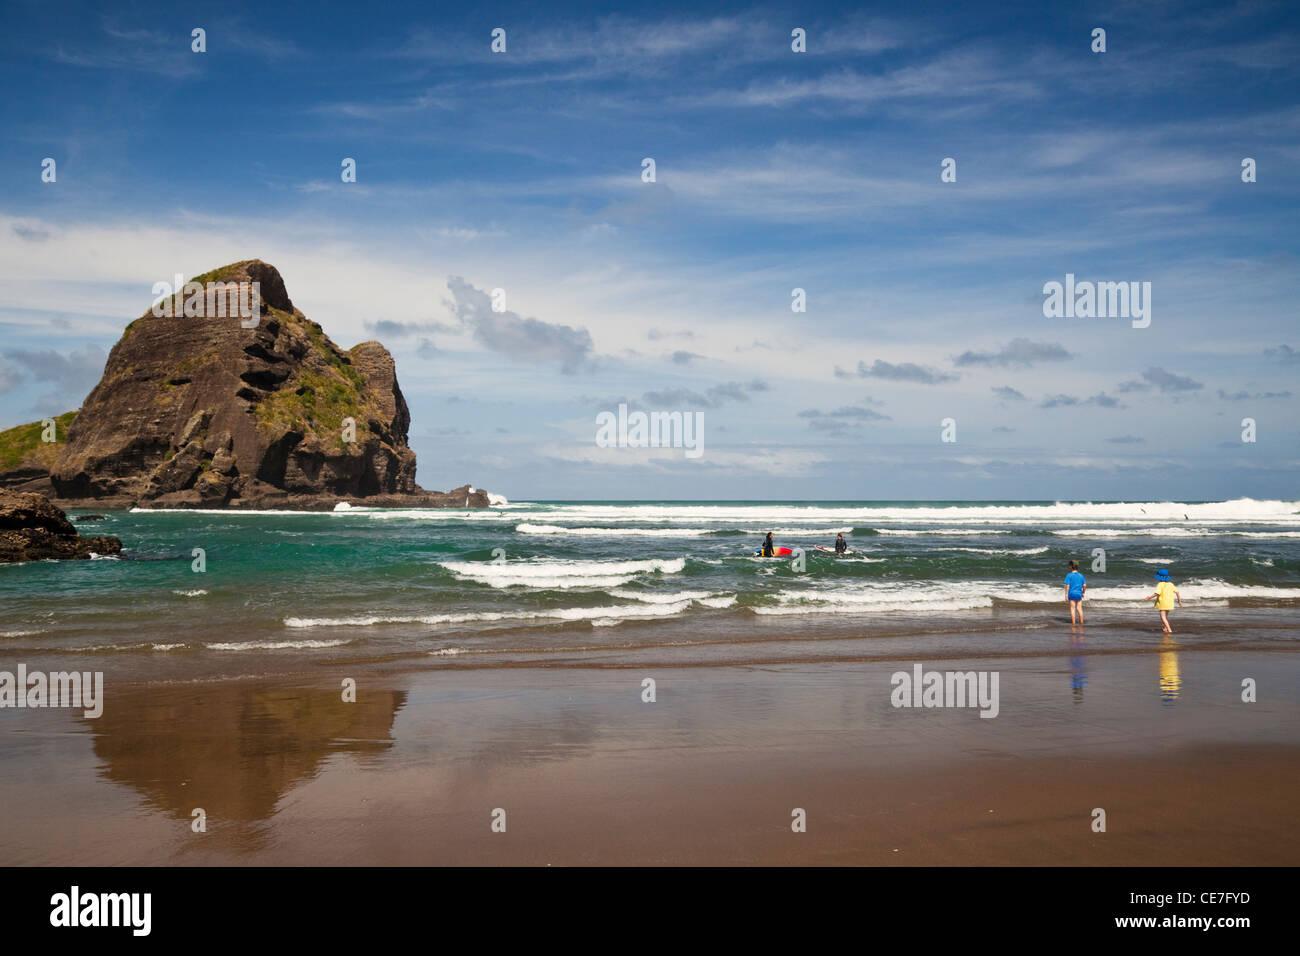 Piha beach. Piha, Waitakere Ranges Regional Park, Auckland, île du Nord, Nouvelle-Zélande Banque D'Images